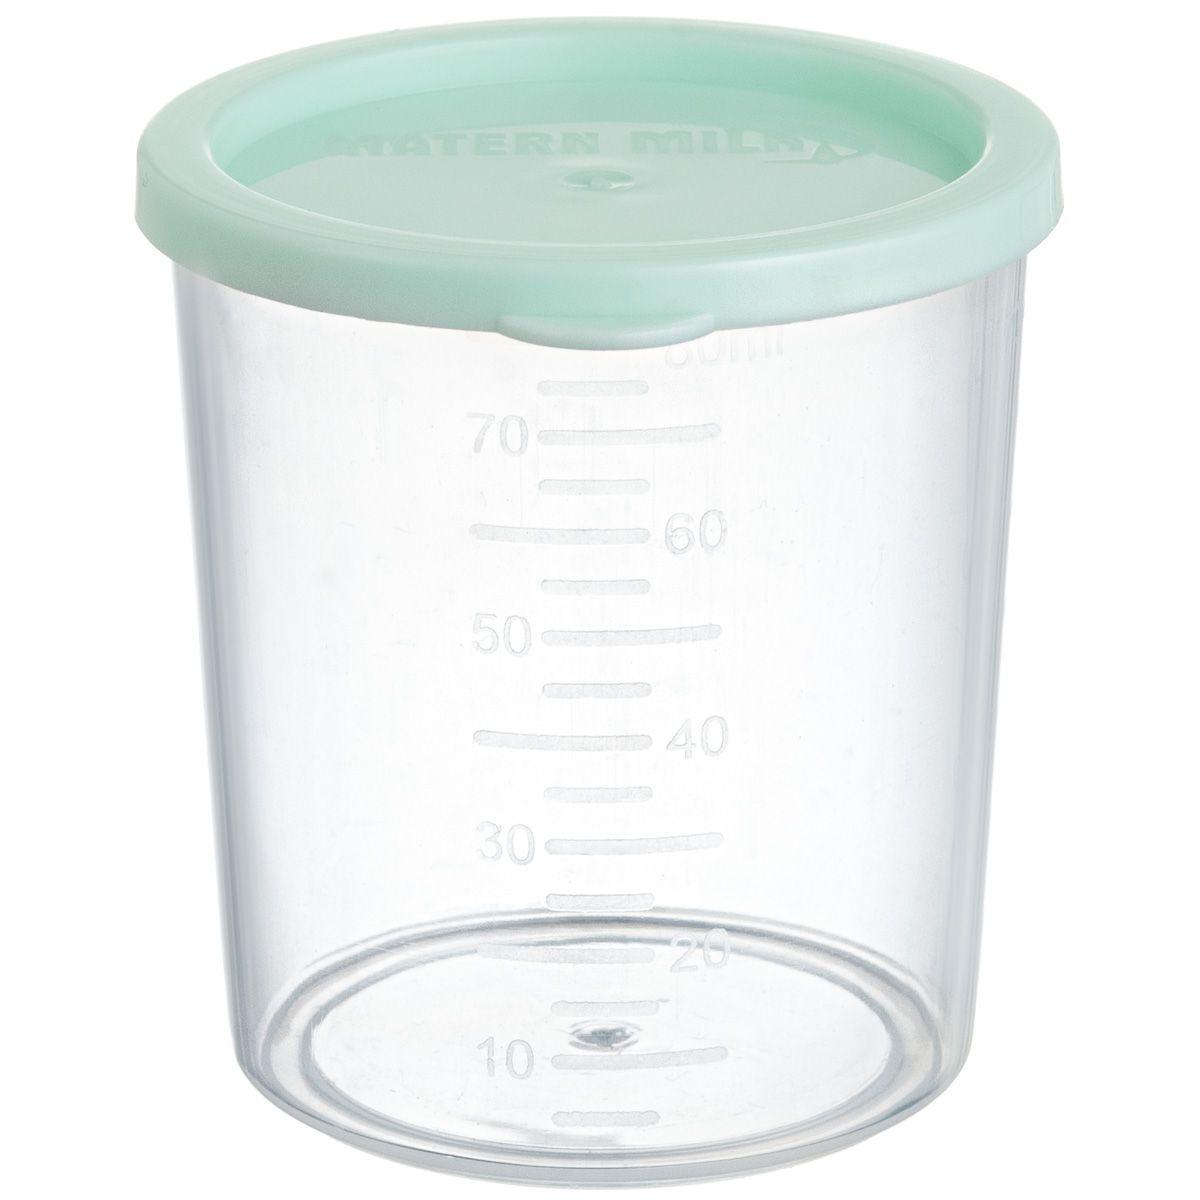 Copo de Aleitamento Materno Verde, 80 ml, (kit com 500 unid. a granel). polipropileno atóxico,graduação de 10 em 10 ml  Matern Milk.